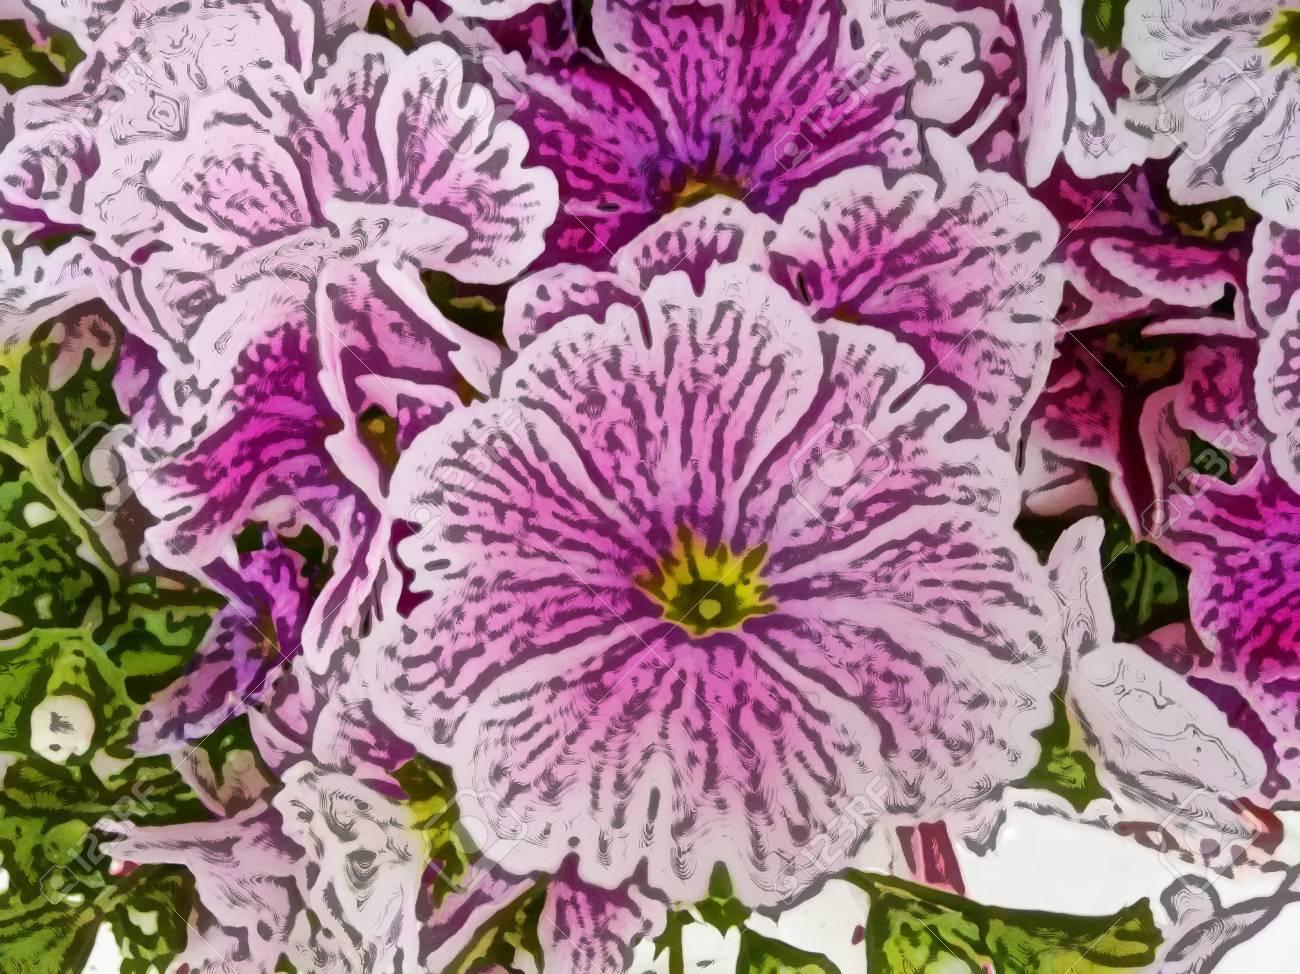 Pianta Fiori Rosa.Immagini Stock Fiori Rosa Cineraria La Cineraria E Una Pianta